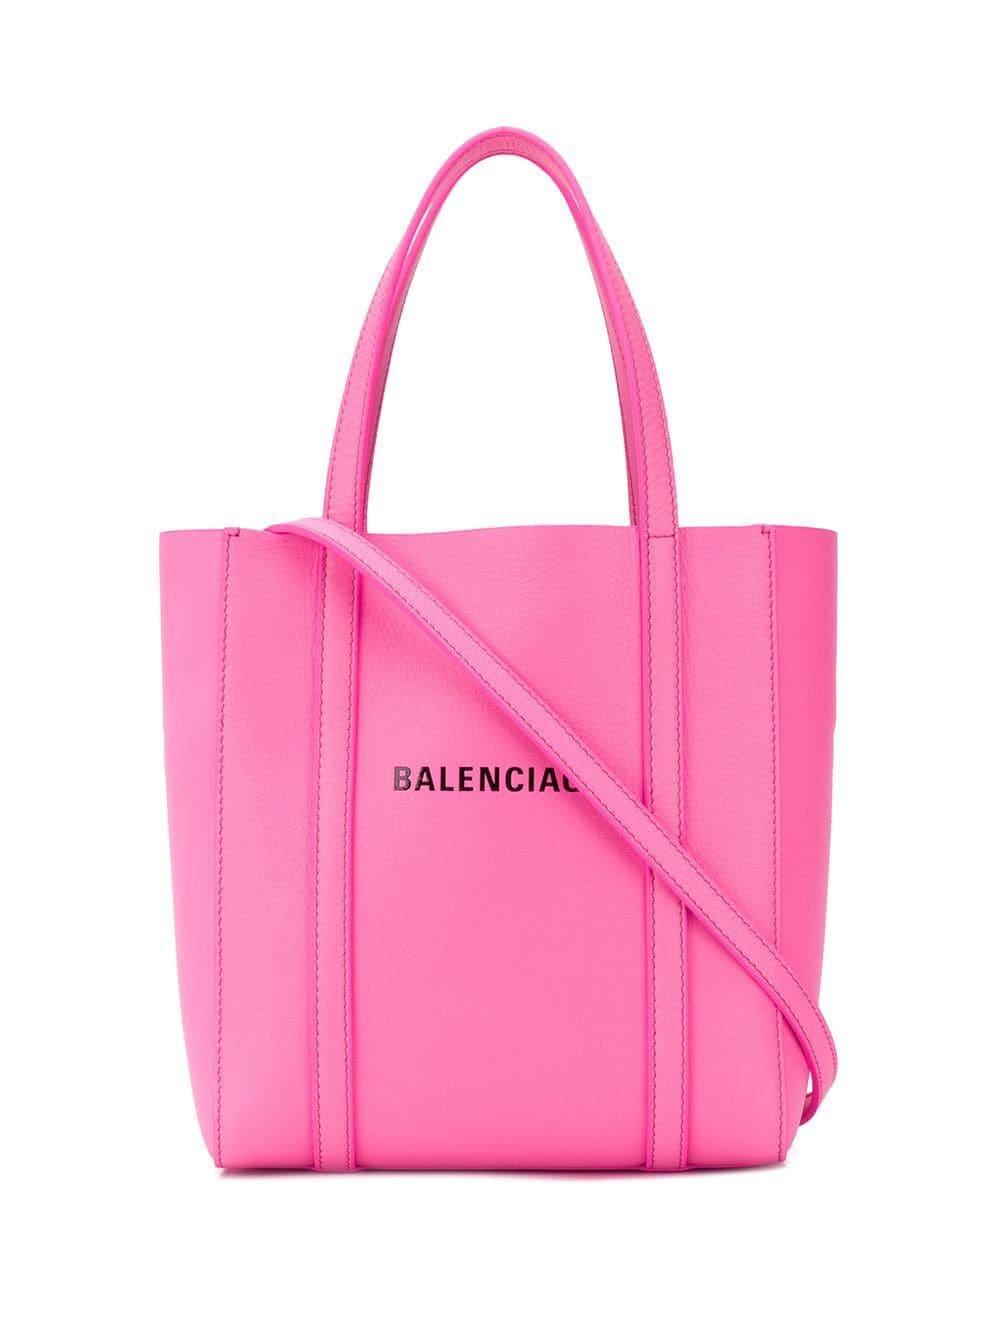 Balenciaga Tote Everyday XXS - Farfetch